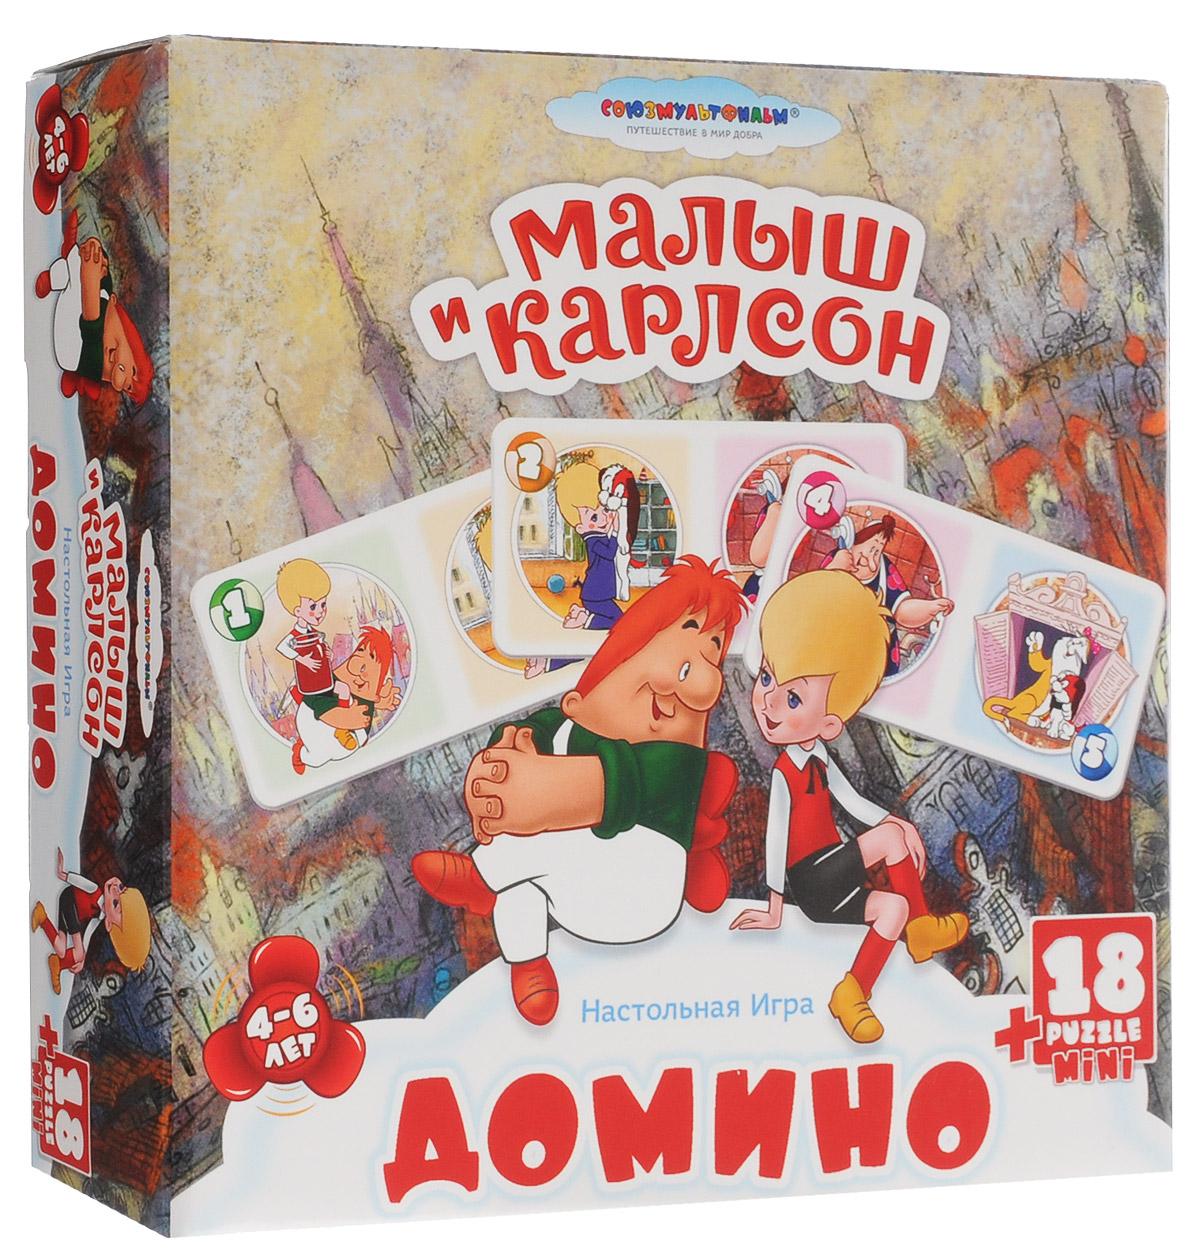 Оригами Домино Малыш и КарлсонАрт(О) 10913Домино Малыш и Карлсон позволит вам и вашему малышу весело и с пользой провести время, ведь совместная игра - лучший способ узнать ребенка и научить его чему-нибудь новому. Комплект игры включает в себя 28 фишек из плотного картона с красочными изображениями любимых героев мультфильма Малыш и Карлсон. В свой ход каждый игрок должен добавить в цепочку из фишек одну их своих фишек так, чтобы изображение на ней подошло к изображению на конце цепи. Если в руках у игрока нет подходящей фишки - он берет дополнительные, до тех пор, пока не попадется нужная. Выигрывает тот, кто первым выложит все свои фишки. В дополнение к игре имеется пазл с героями мультфильма из18 элементов. Размер пазла: 15 см х 8 см. Игра в домино не только подарит малышу множество веселых мгновений, но и поможет познакомиться с новыми словами. Игра направлена на развитие внимания, образного восприятия и зрительной памяти.